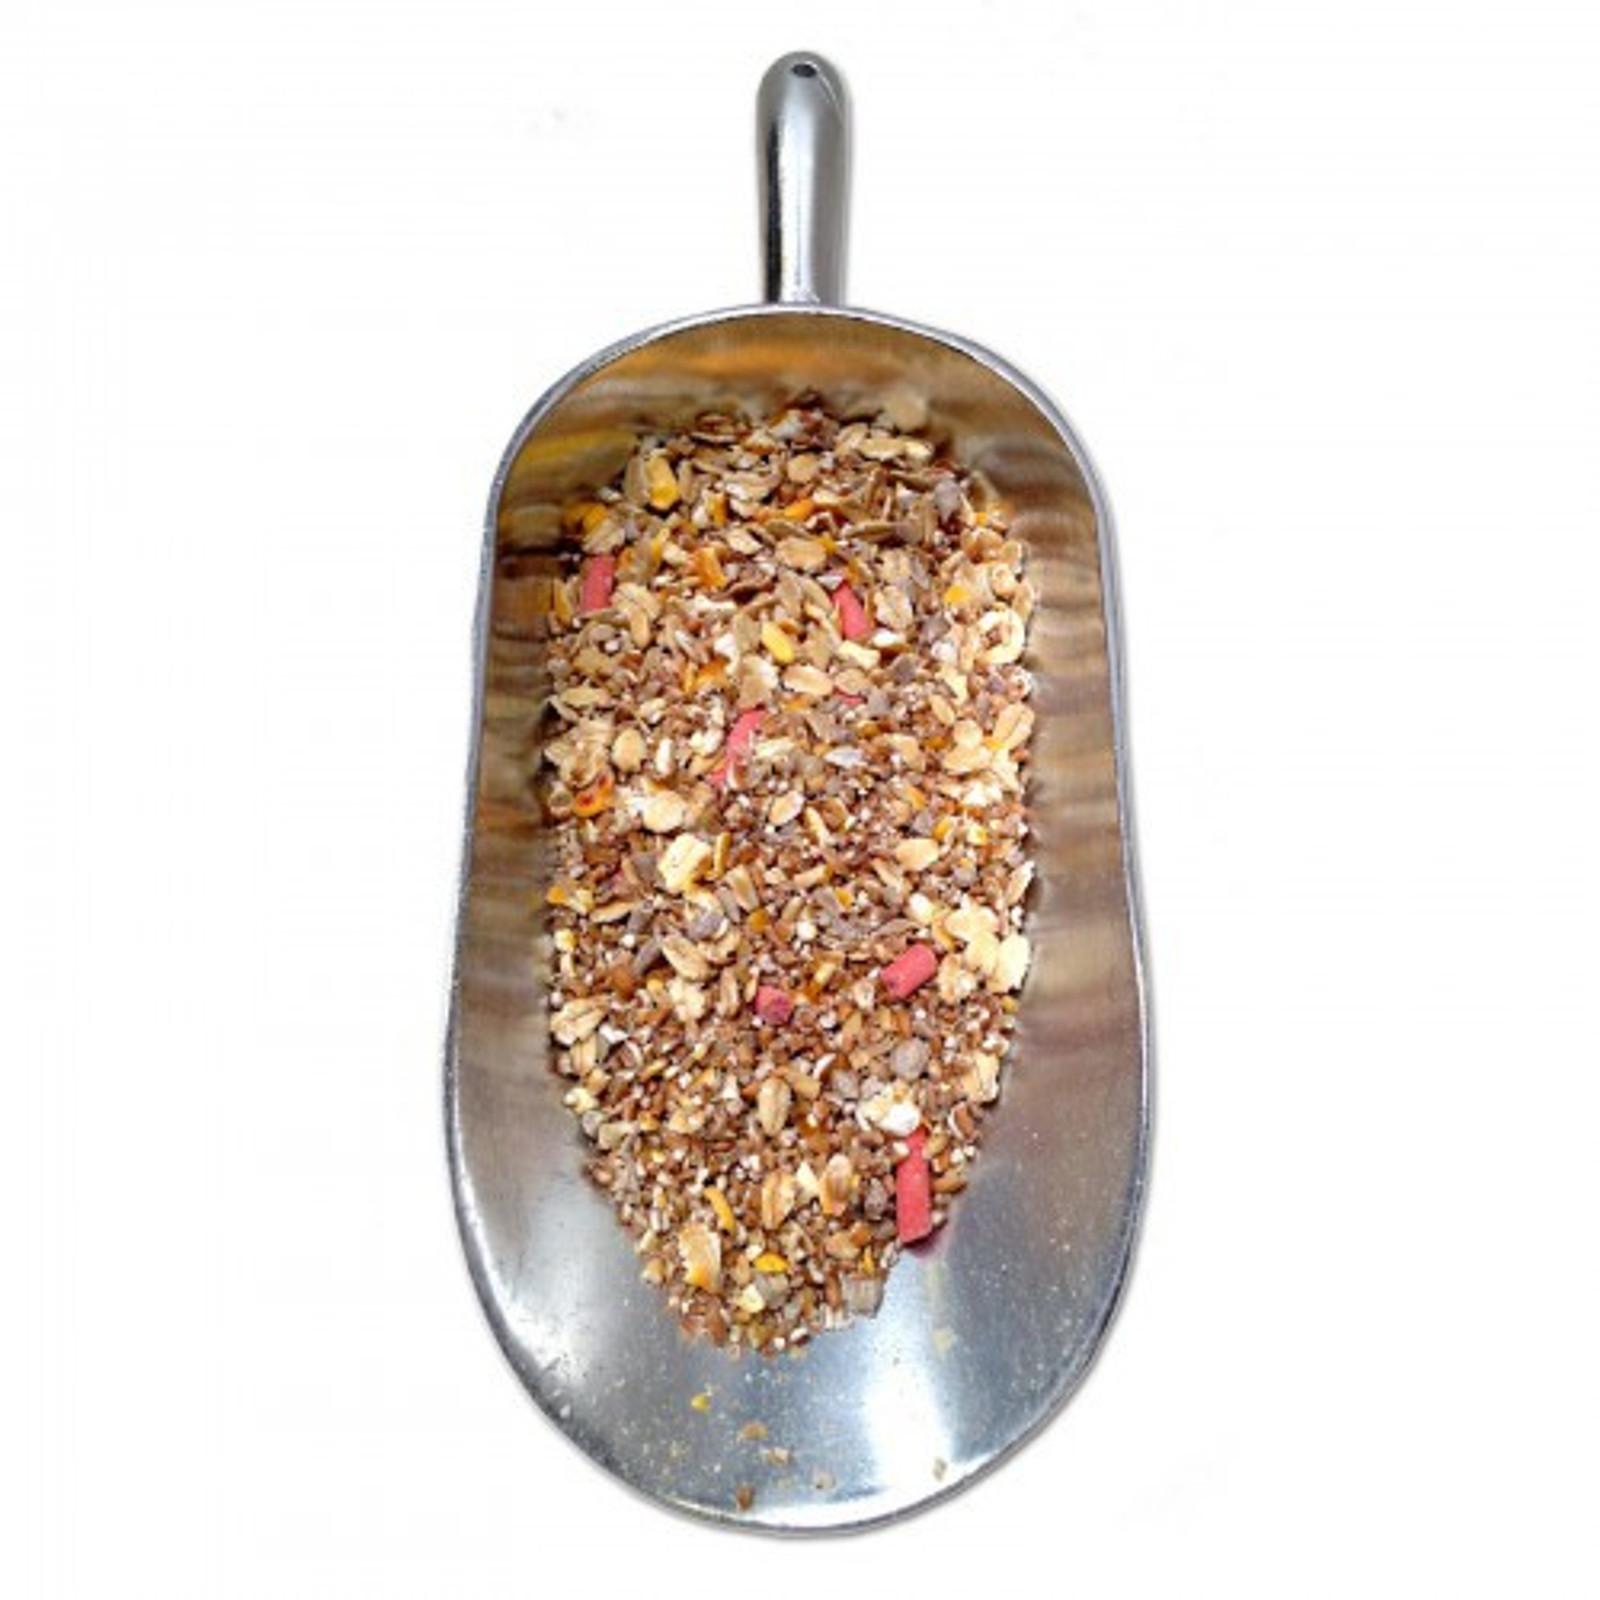 Vogelsamenmix mit Fettfutterpellets für Wildvögel - ohne keimende Samen 3,5 kg